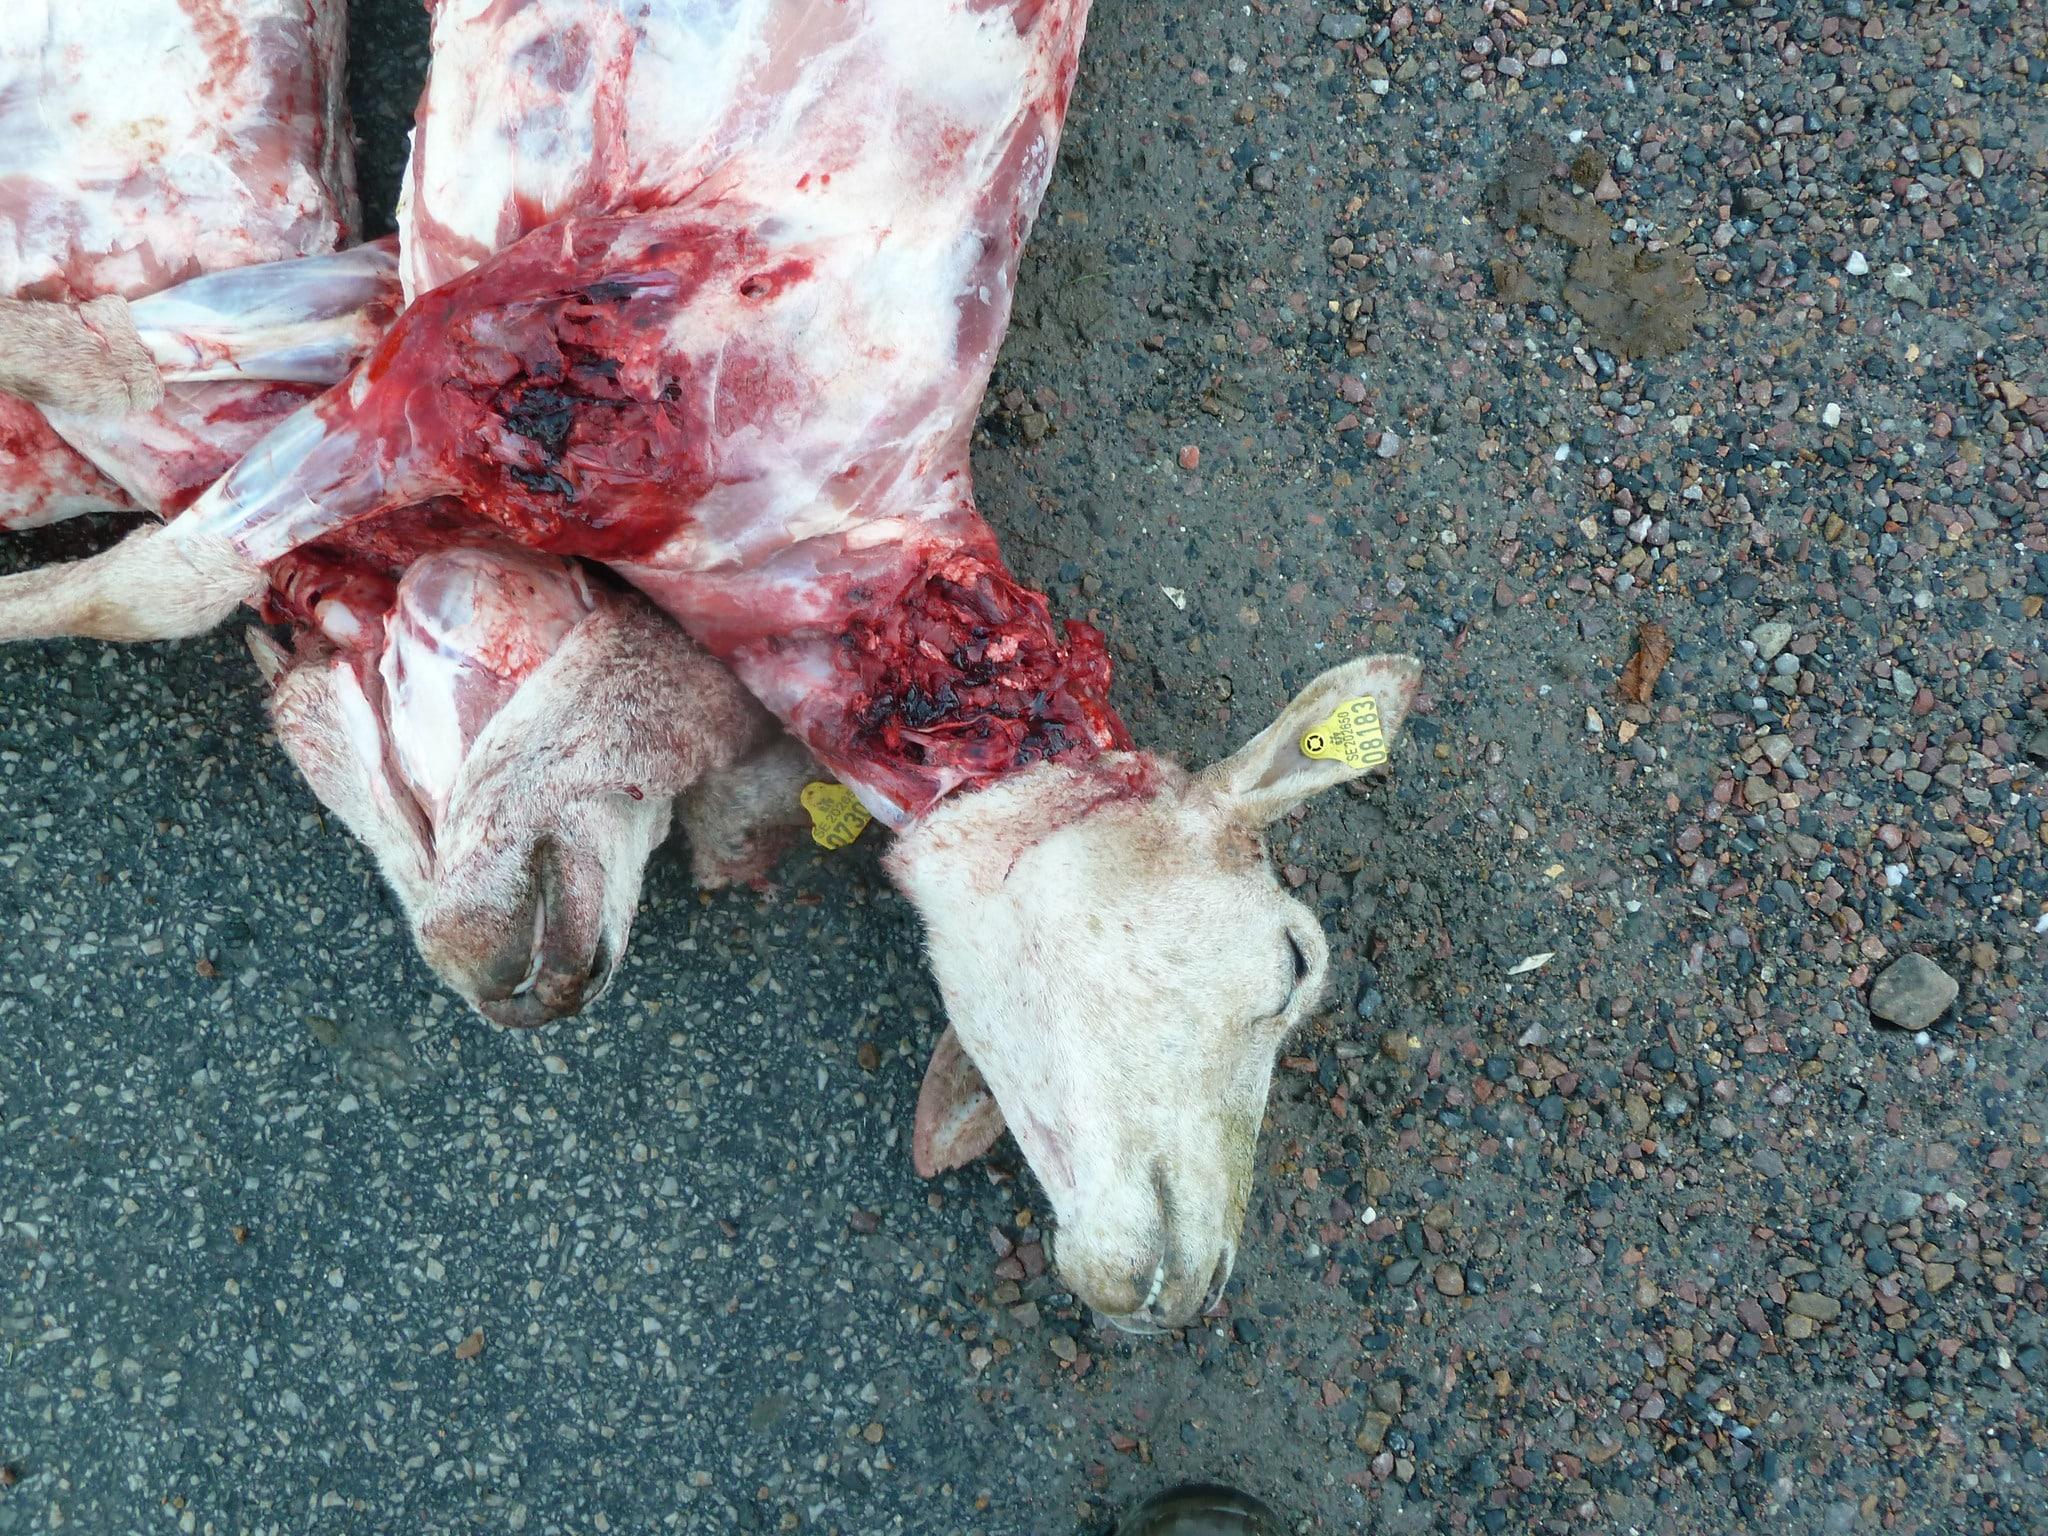 Vargdödade får, med typiska kraftfulla bett i halsen. Foto: Bertil Nilsson